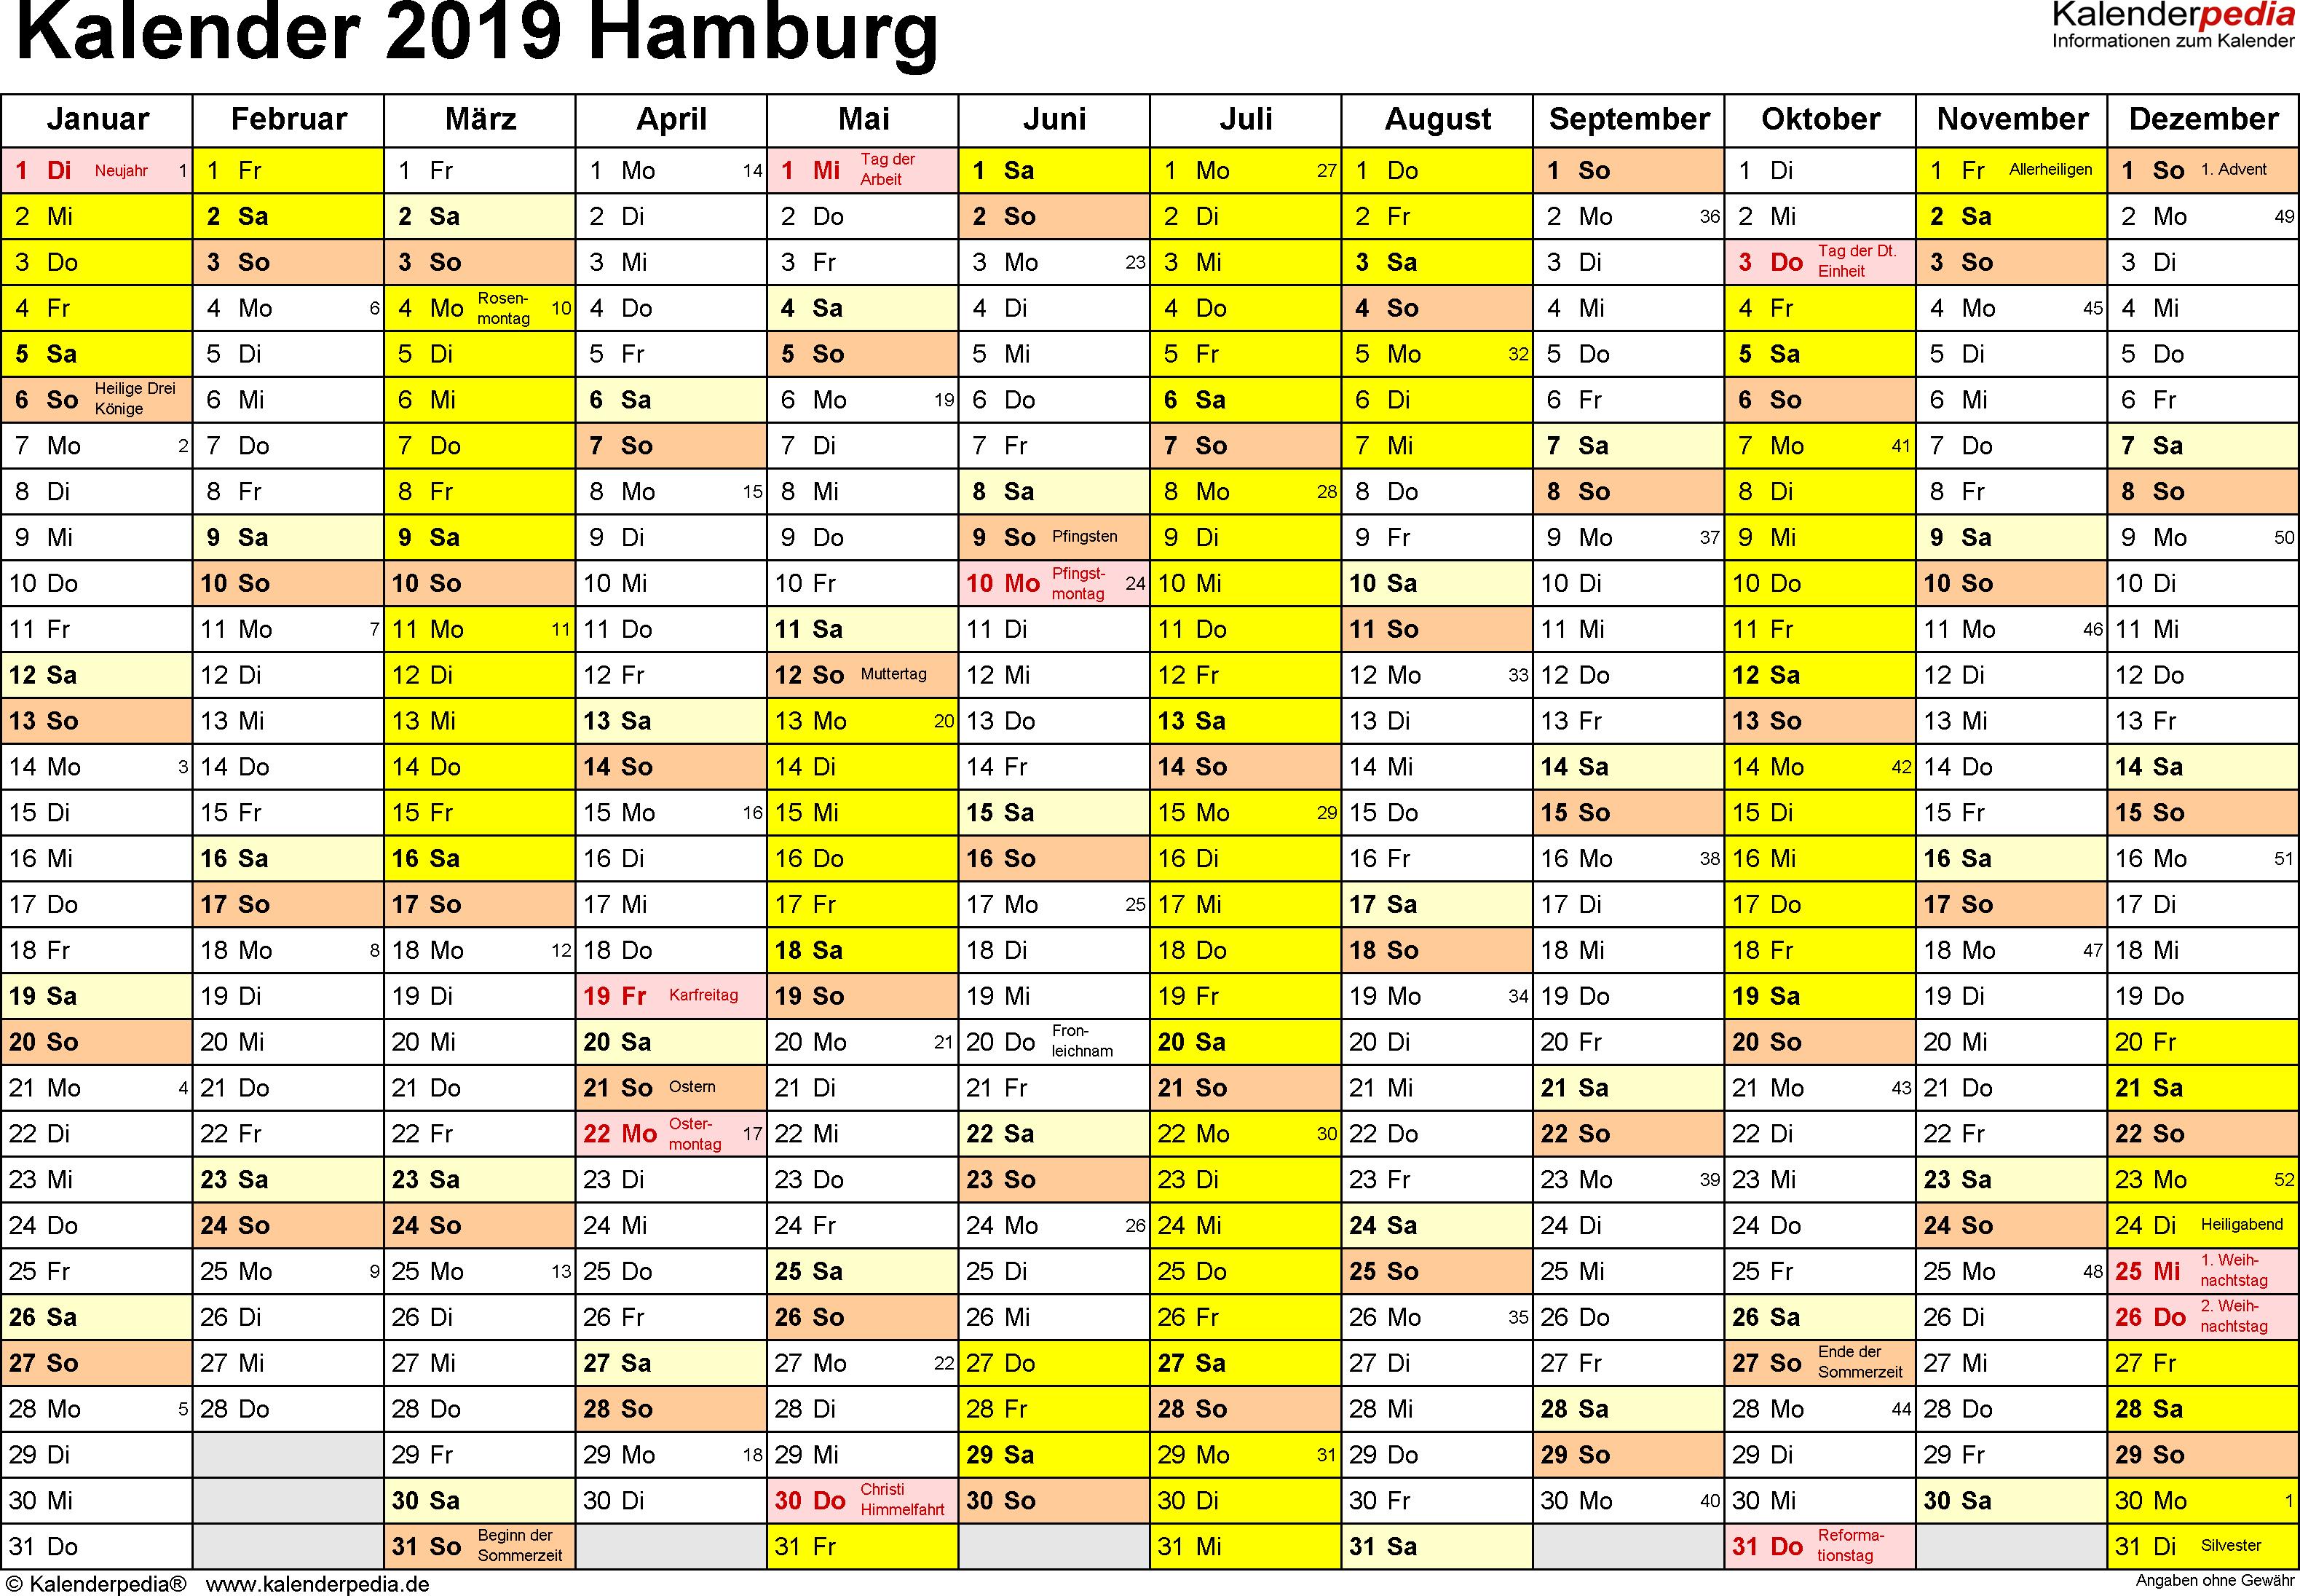 Kalender 2019 Hamburg Ferien Feiertage Pdf Vorlagen